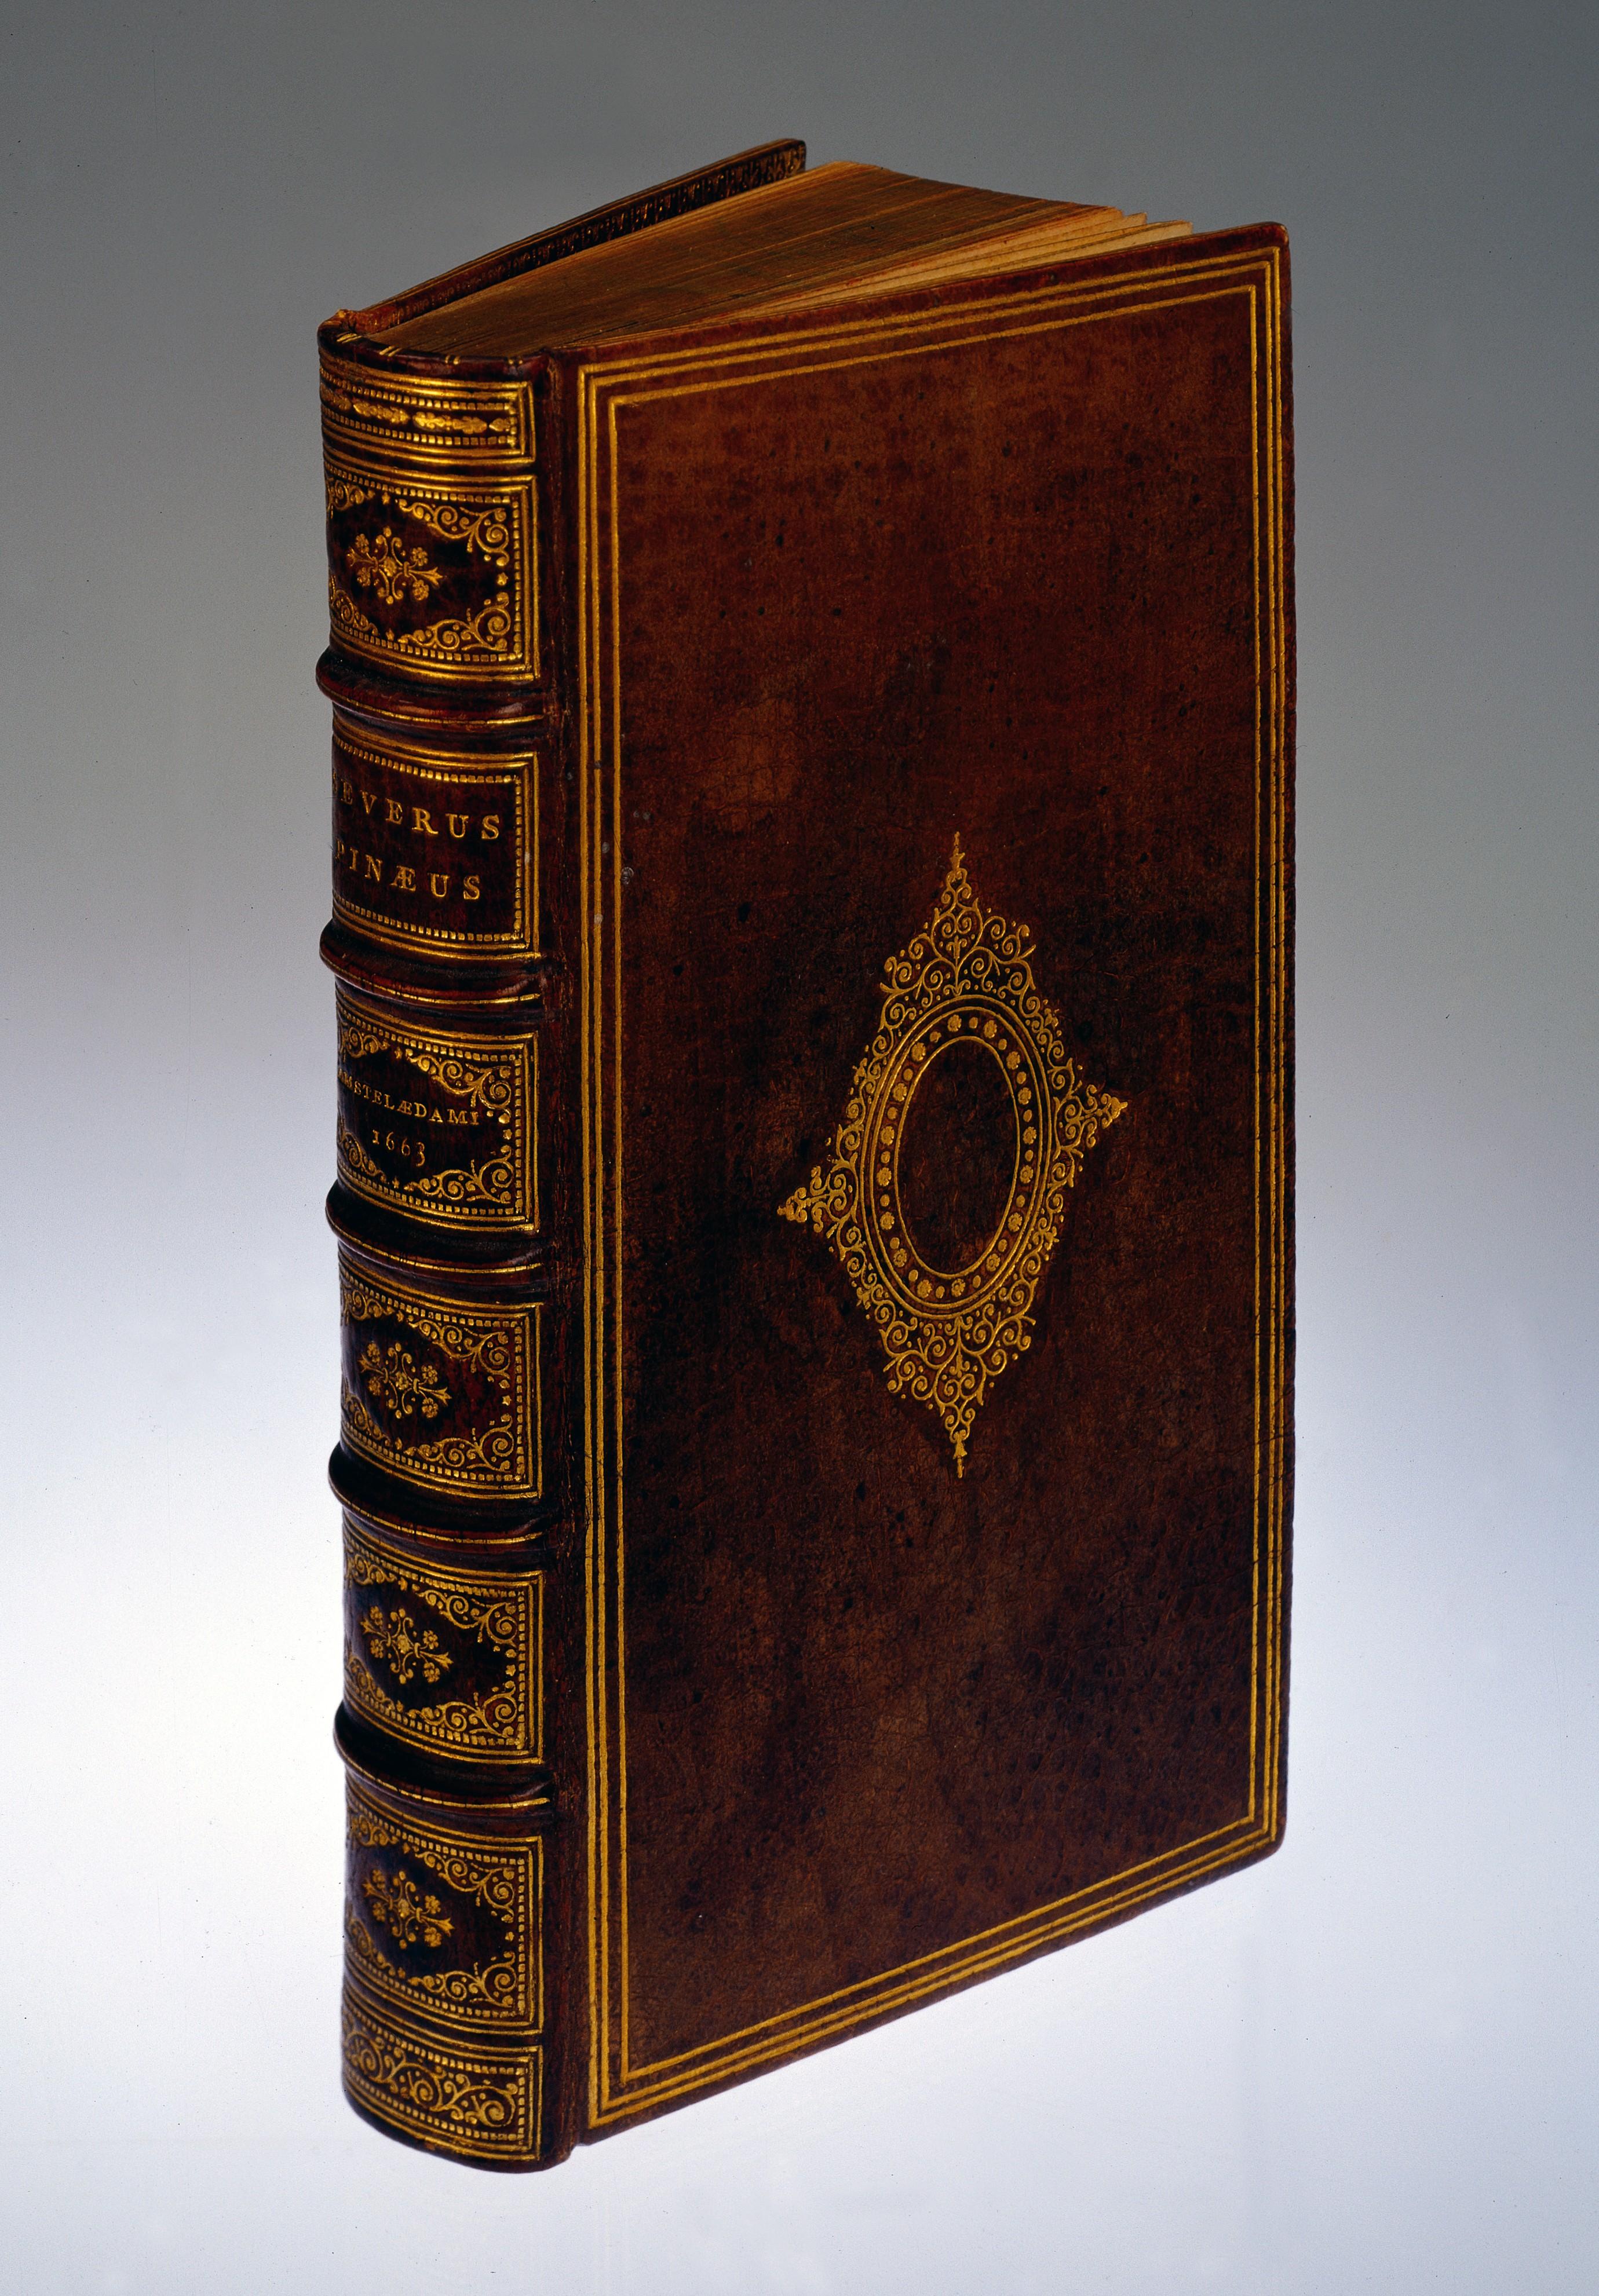 Book Covered In Human Skin ~ File s pinaeus de integritatis et corruptionis virginum